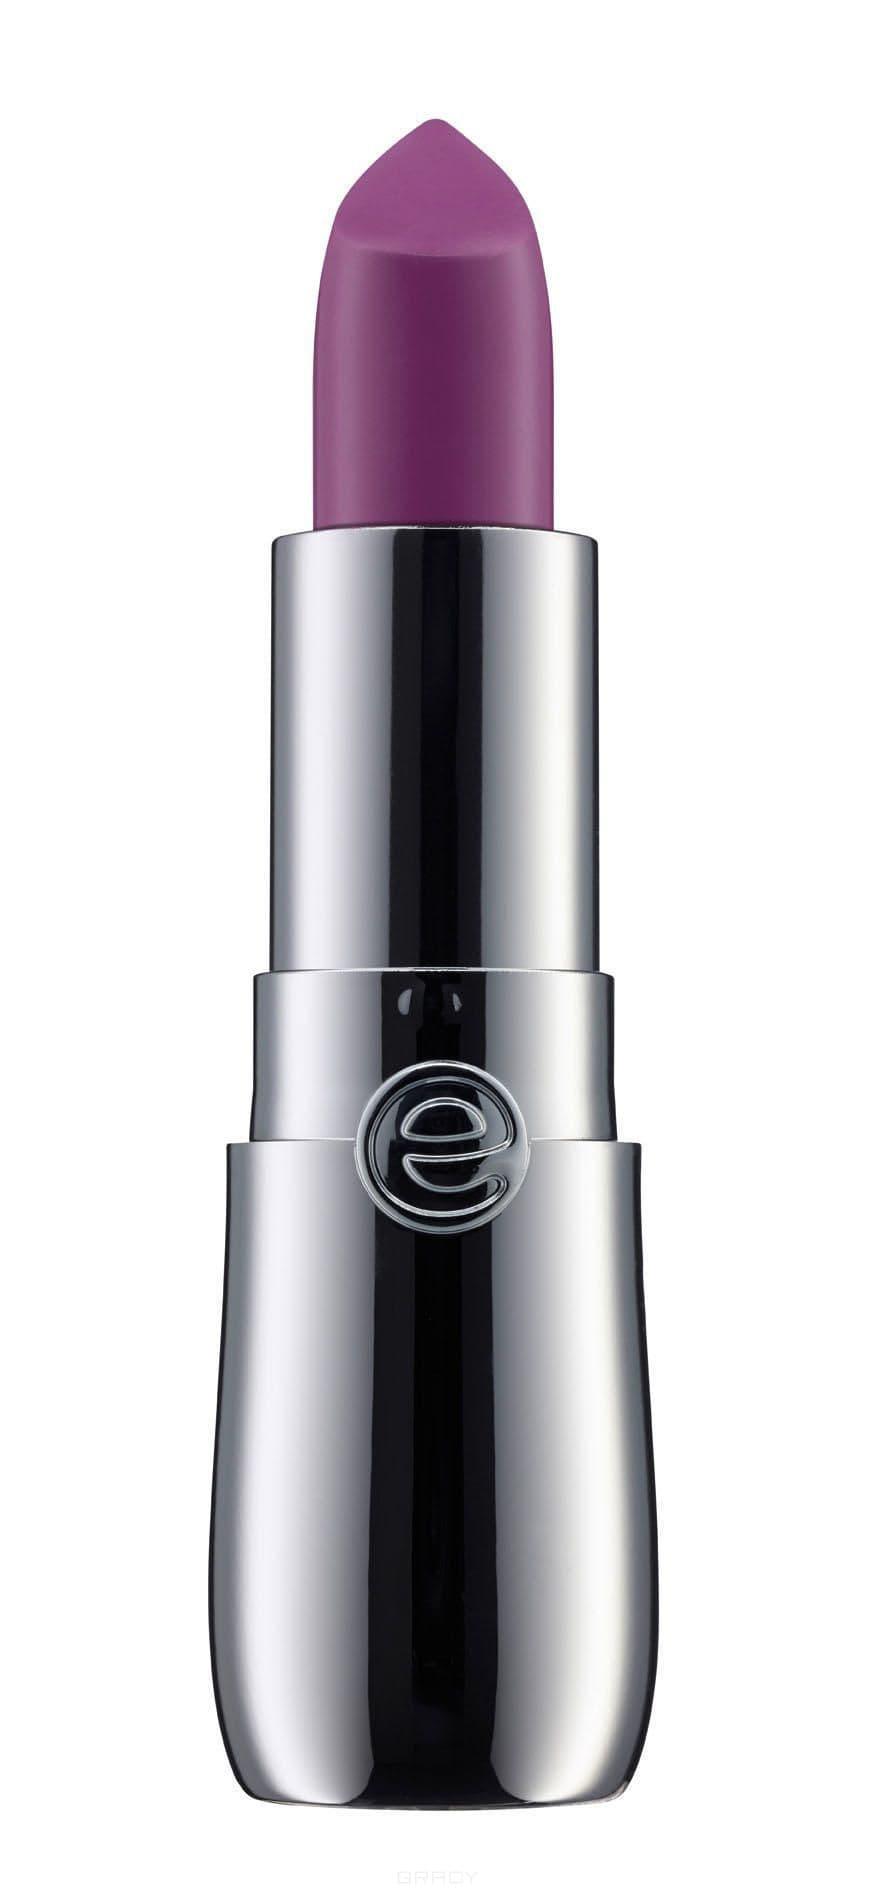 все цены на Essence, Сияющая губная помада Colour Up! Shine On! Lipstick, 3.5 гр (12 тонов) №13, сливовый онлайн